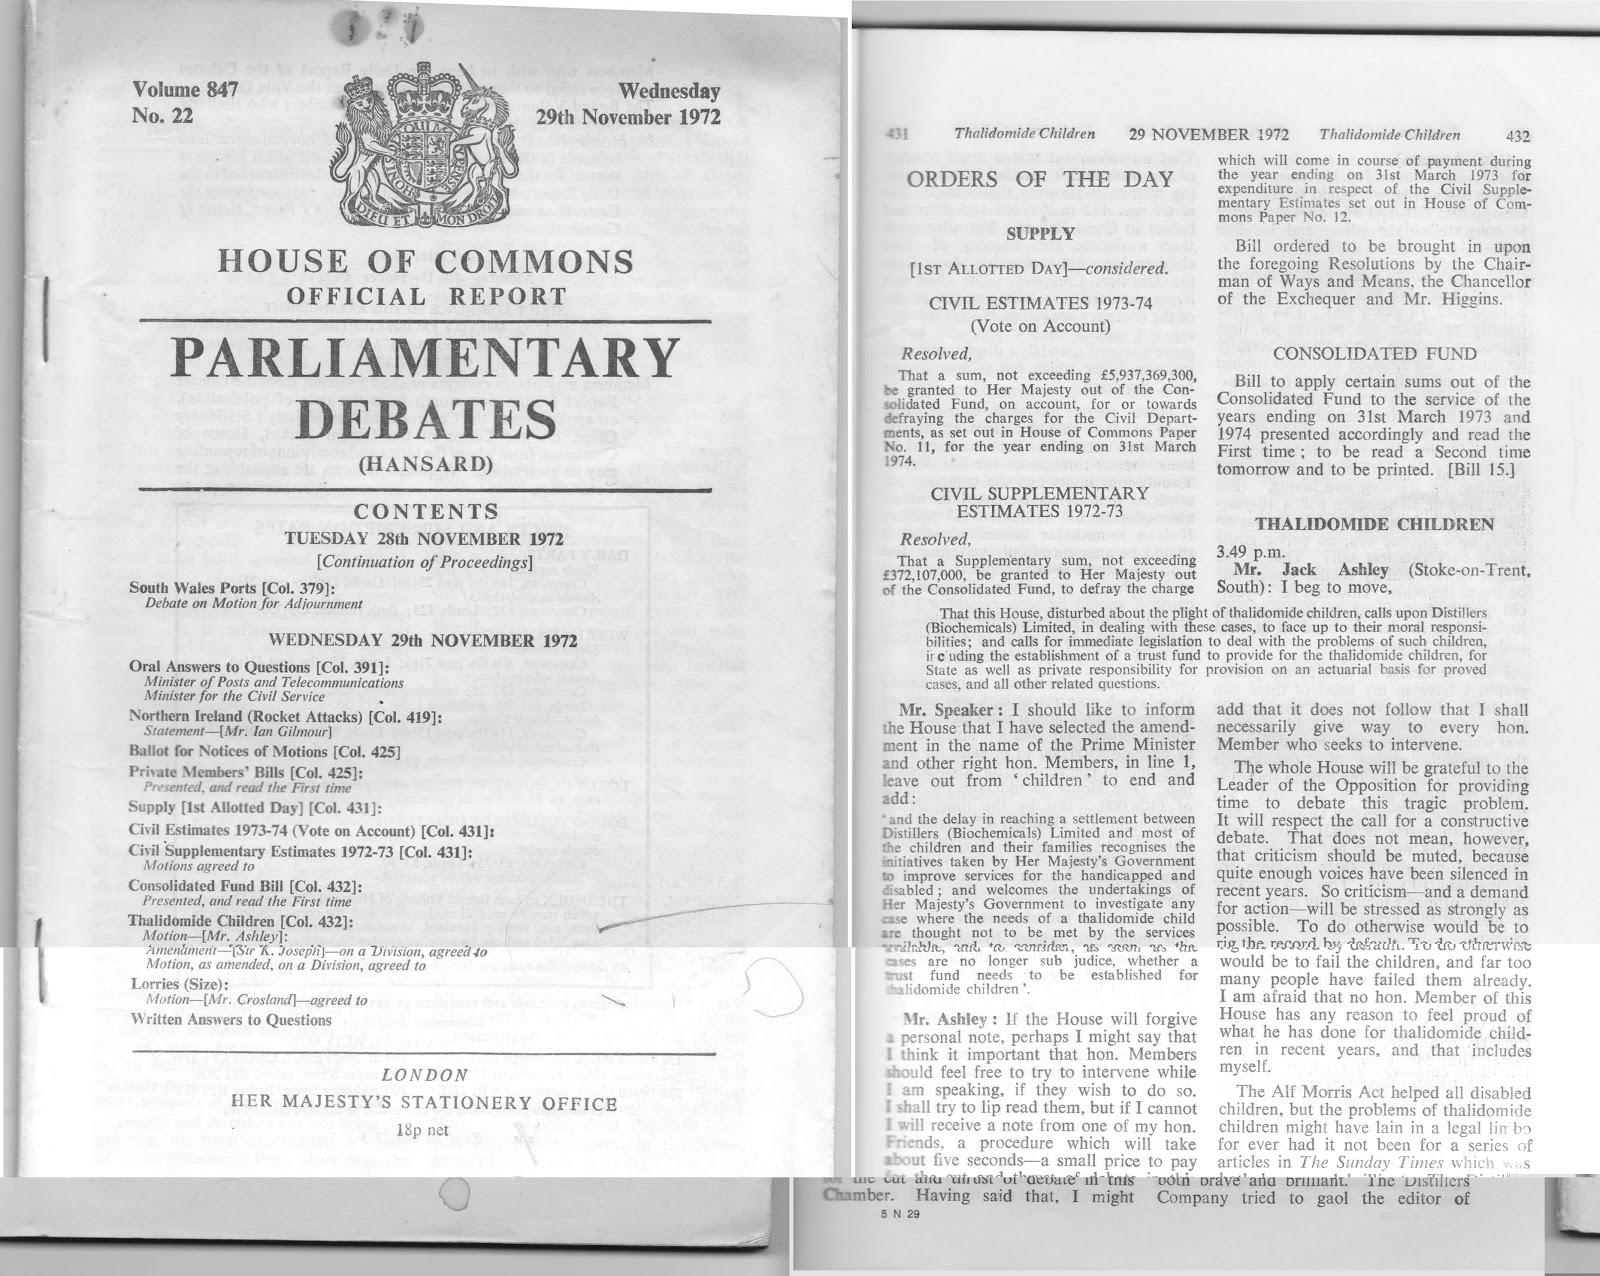 Vài trang Hansard thứ Tư ngày 29 tháng 11 năm 1972 (Nguồn hình: thalidomide50.blogspot.co.uk)